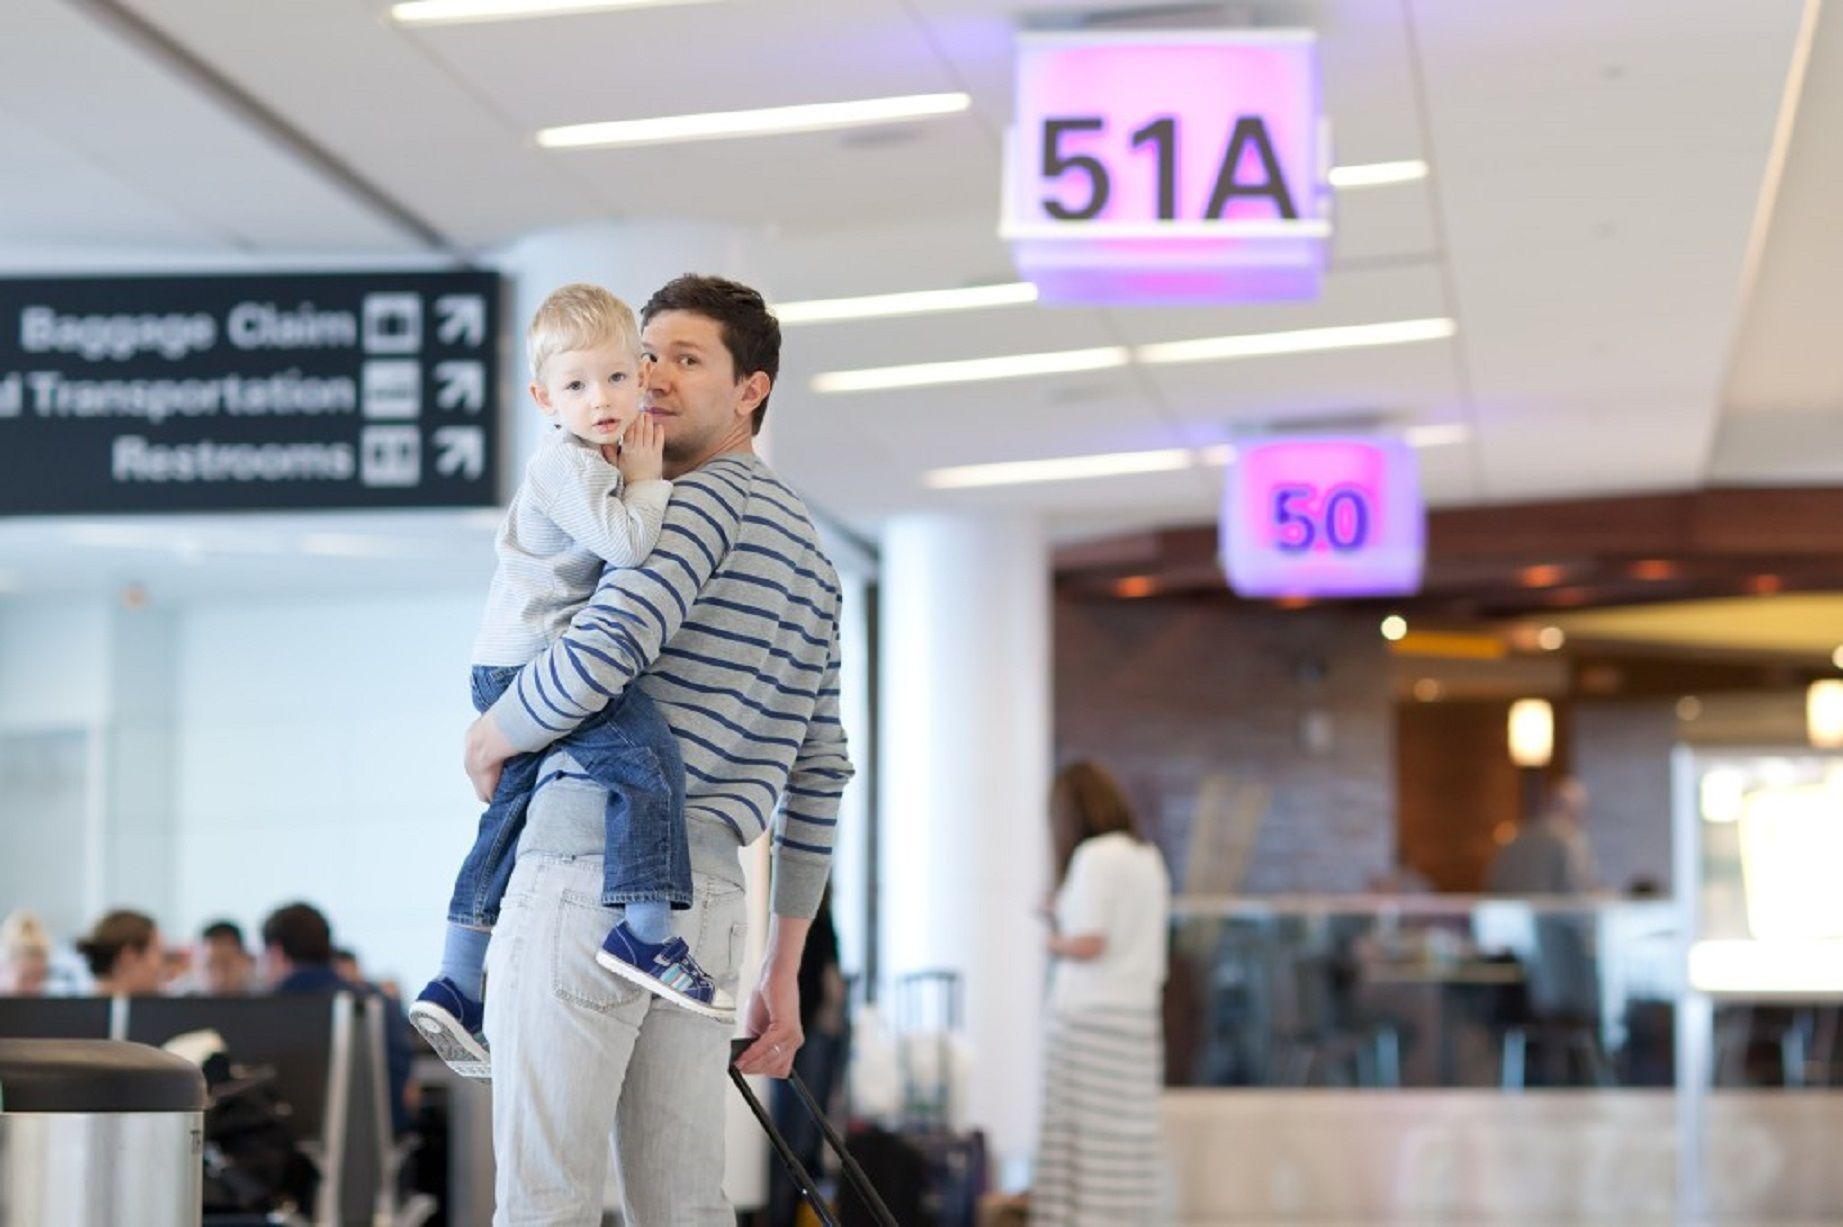 Los trámites de autorizaciones de viajes a menores serán más ágiles